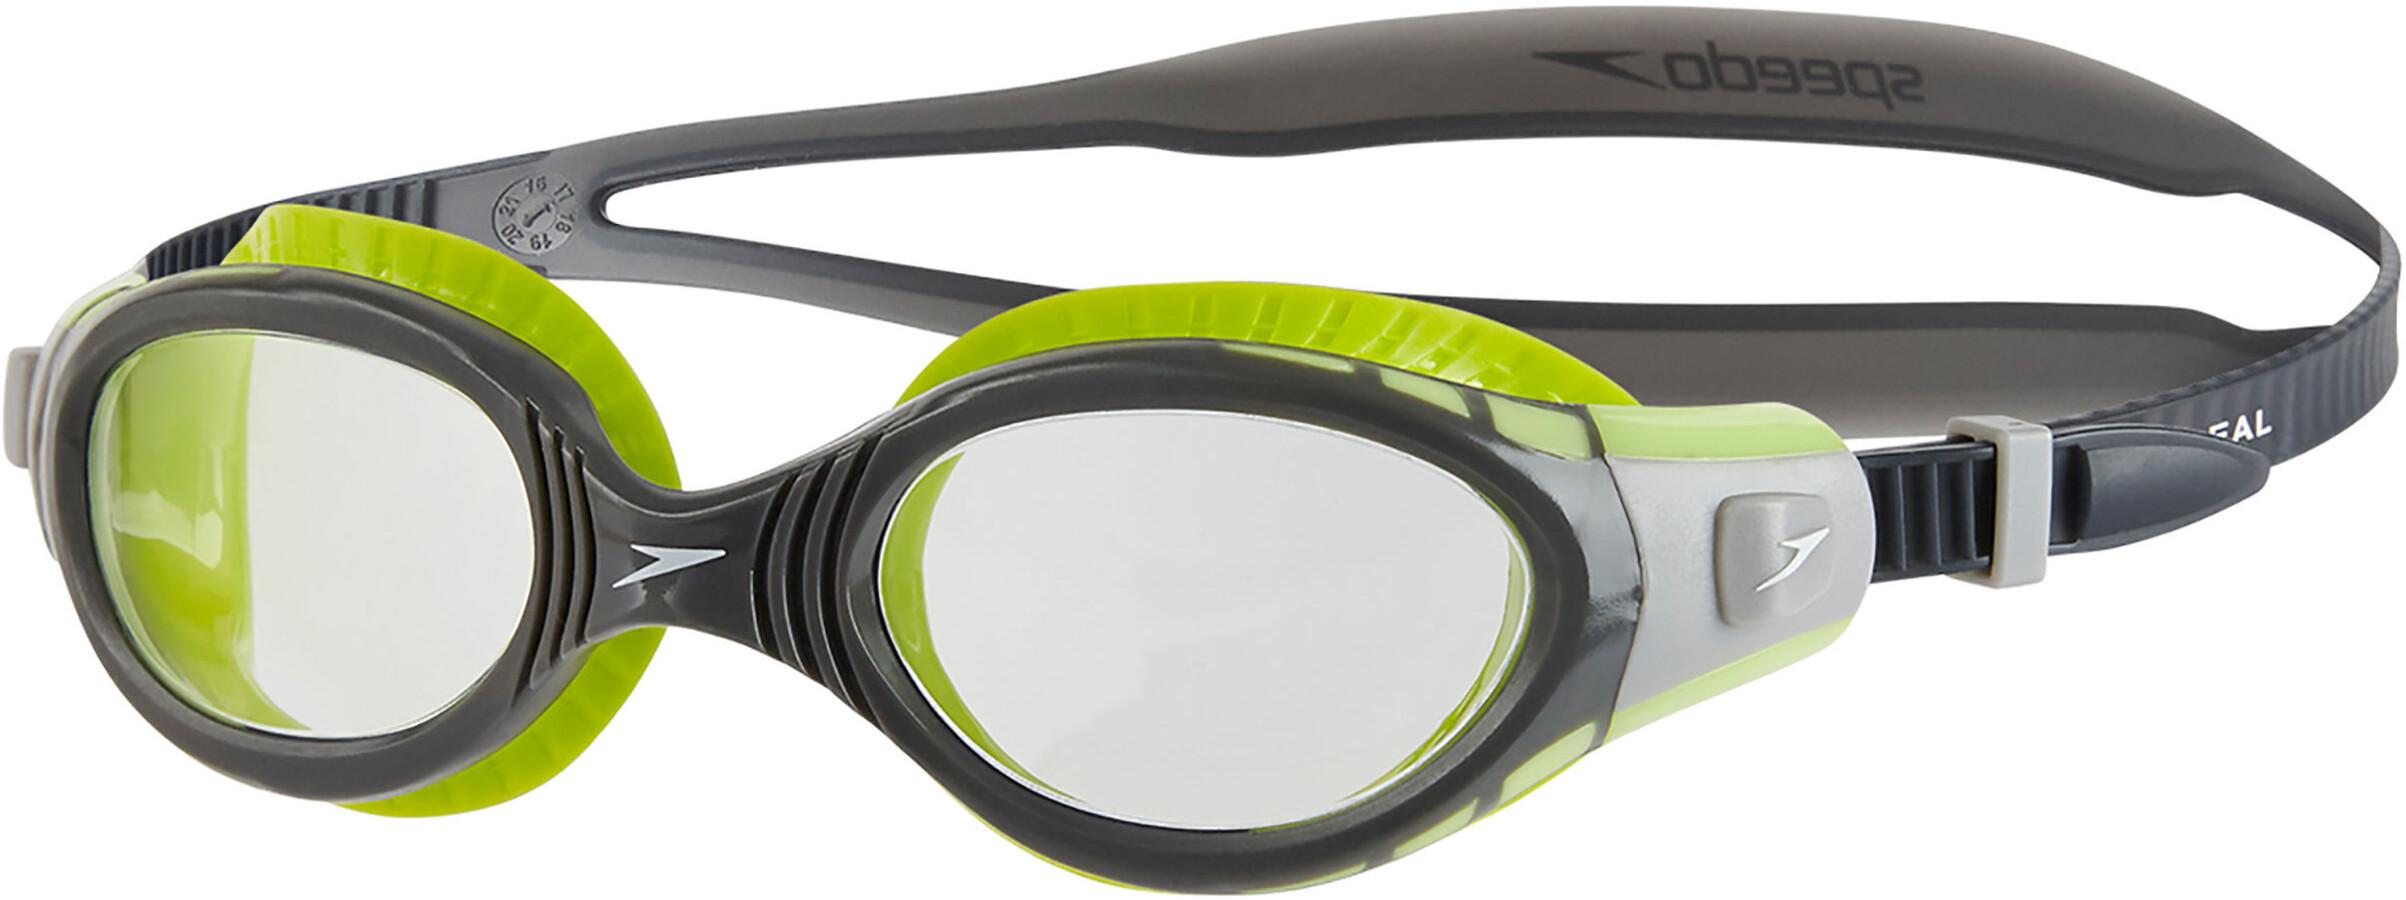 speedo Futura Biofuse Flexiseal Simglasögon grå grön - till ... 316c2541d494d